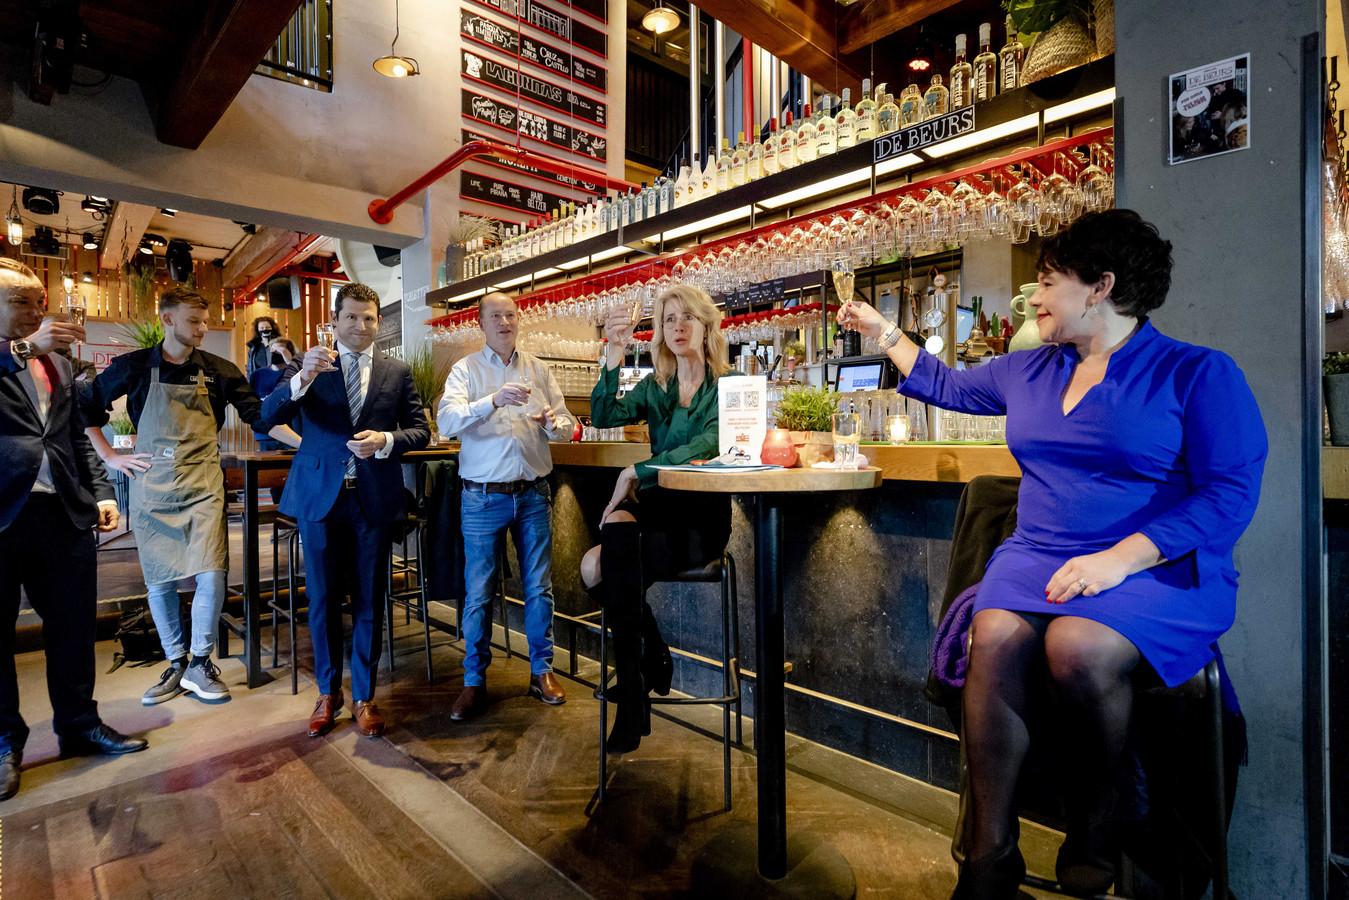 Demissionair staatssecretaris Mona Keijzer en burgemeester Sharon Dijksma tijdens de aftrap van een proef met cafebezoek. Vijf Utrechtse cafes laten enkele dagen gasten toe, op vertoon van een negatief coronatestbewijs. Onderzocht wordt hoe de kroegen weer op een veilige manier open kunnen.